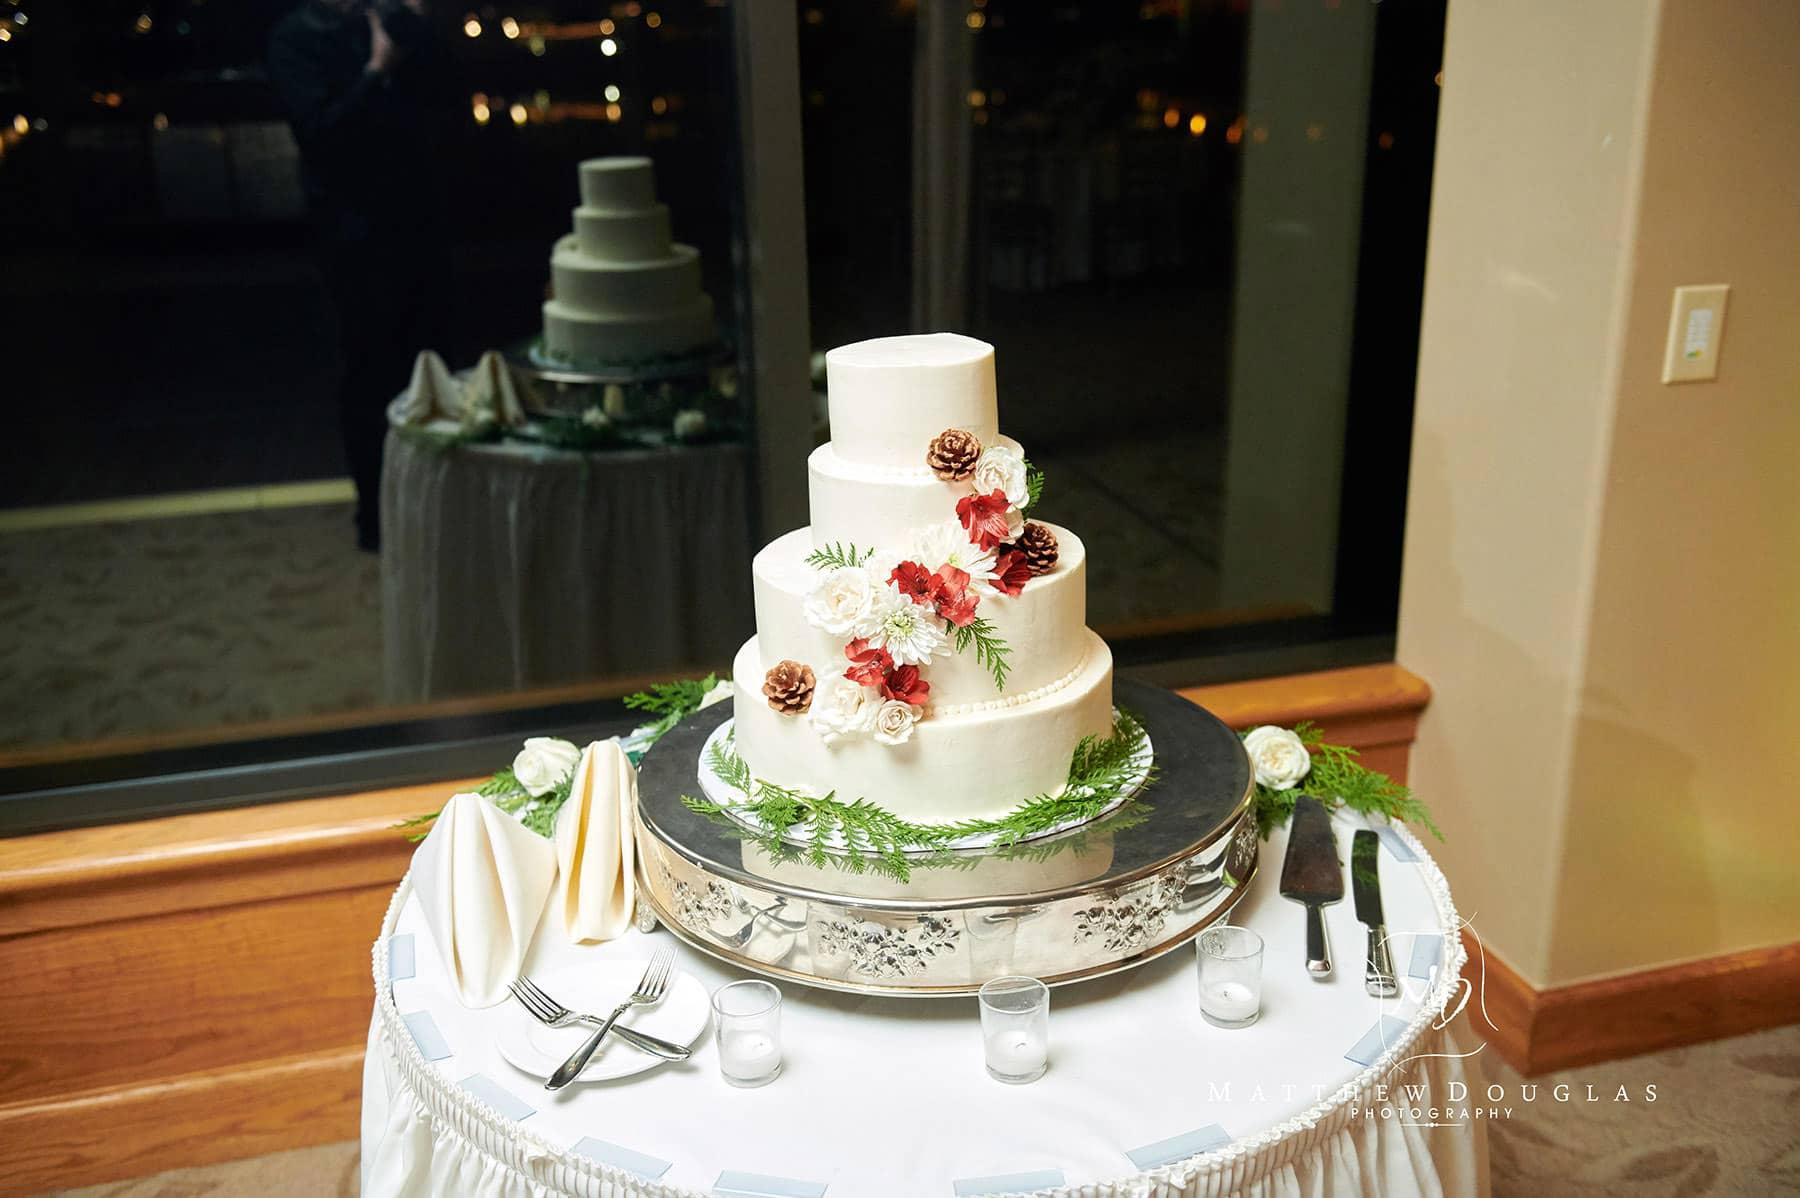 lambertville station inn wedding cake photo